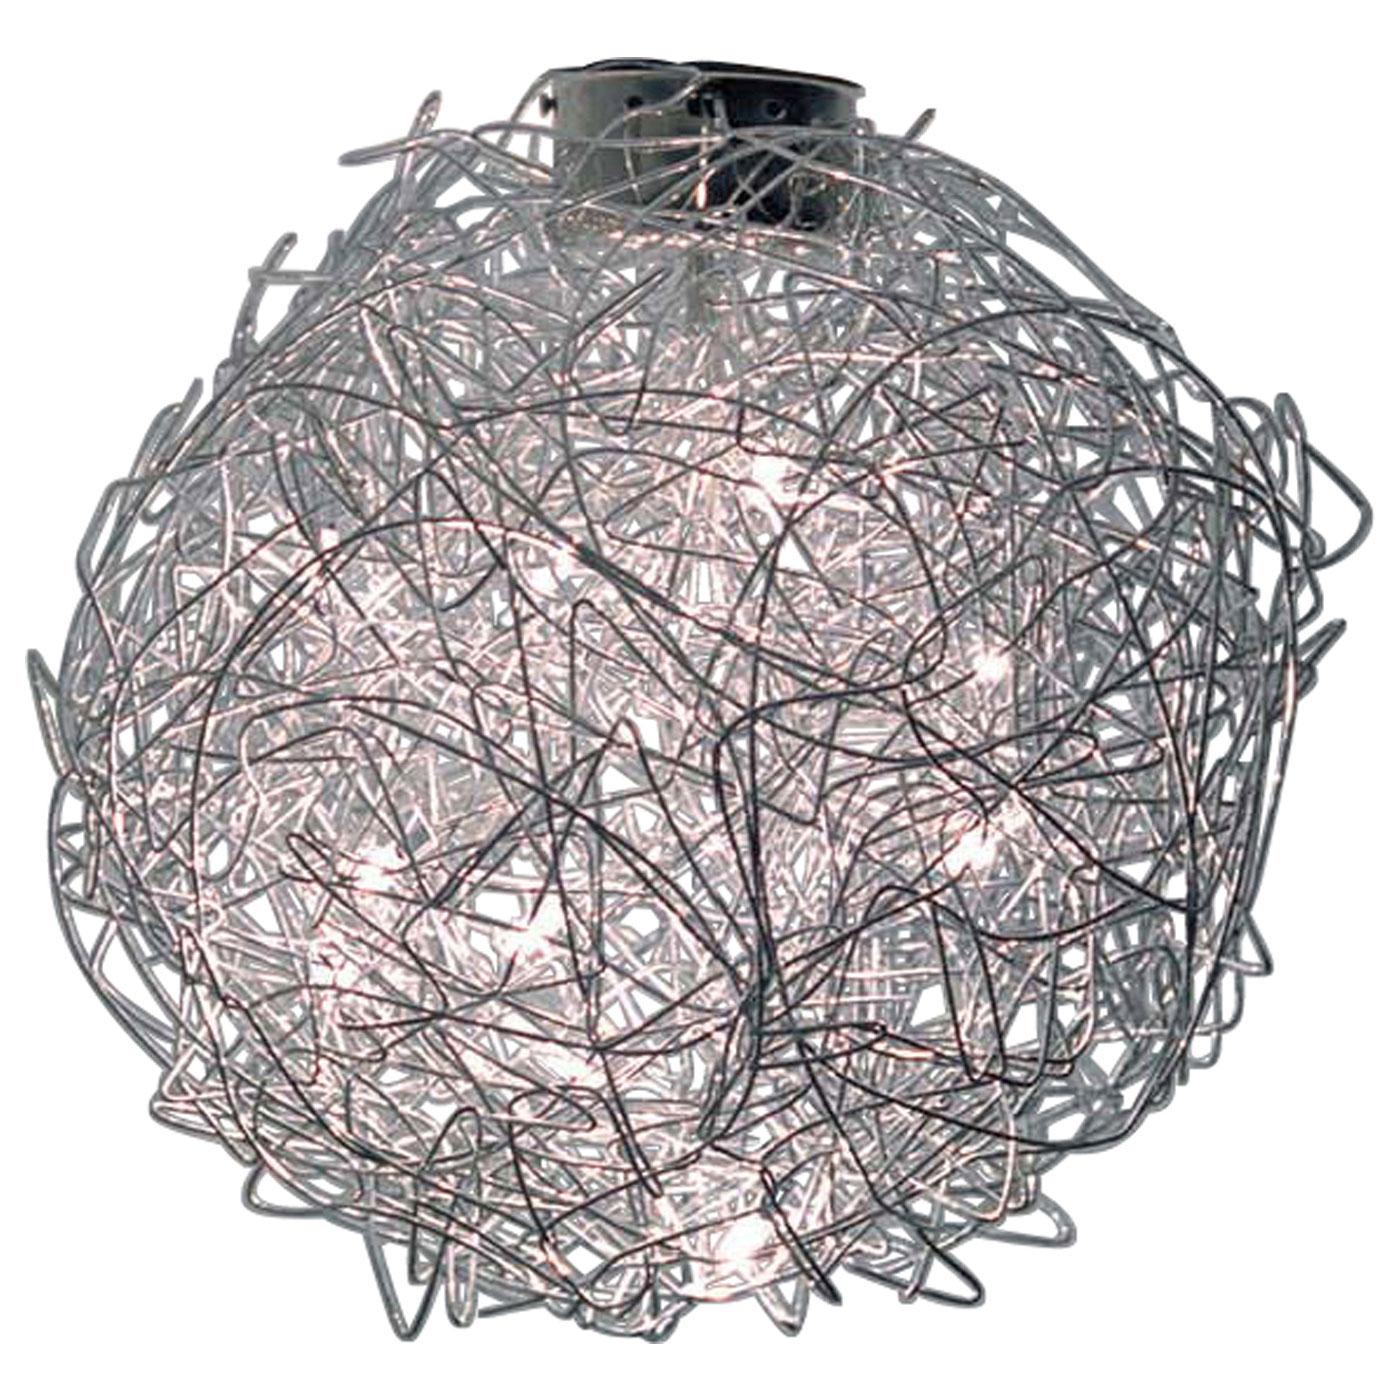 catellani smith fil de fer soffitto preisvergleich deckenleuchte g nstig kaufen bei. Black Bedroom Furniture Sets. Home Design Ideas